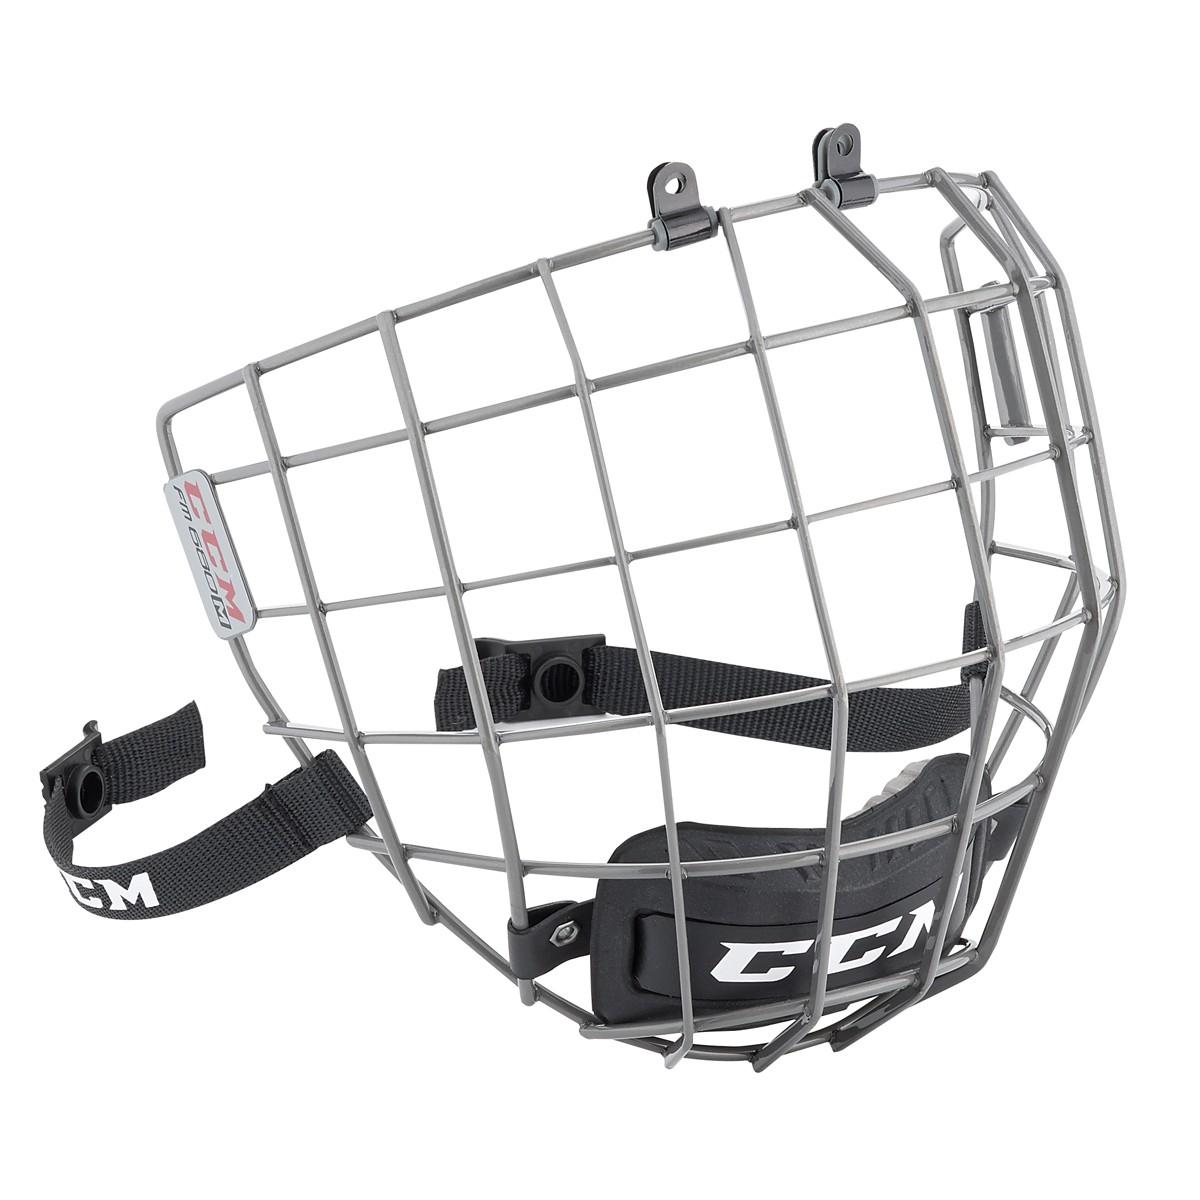 1200x1200 Ccm Fm680 Cage